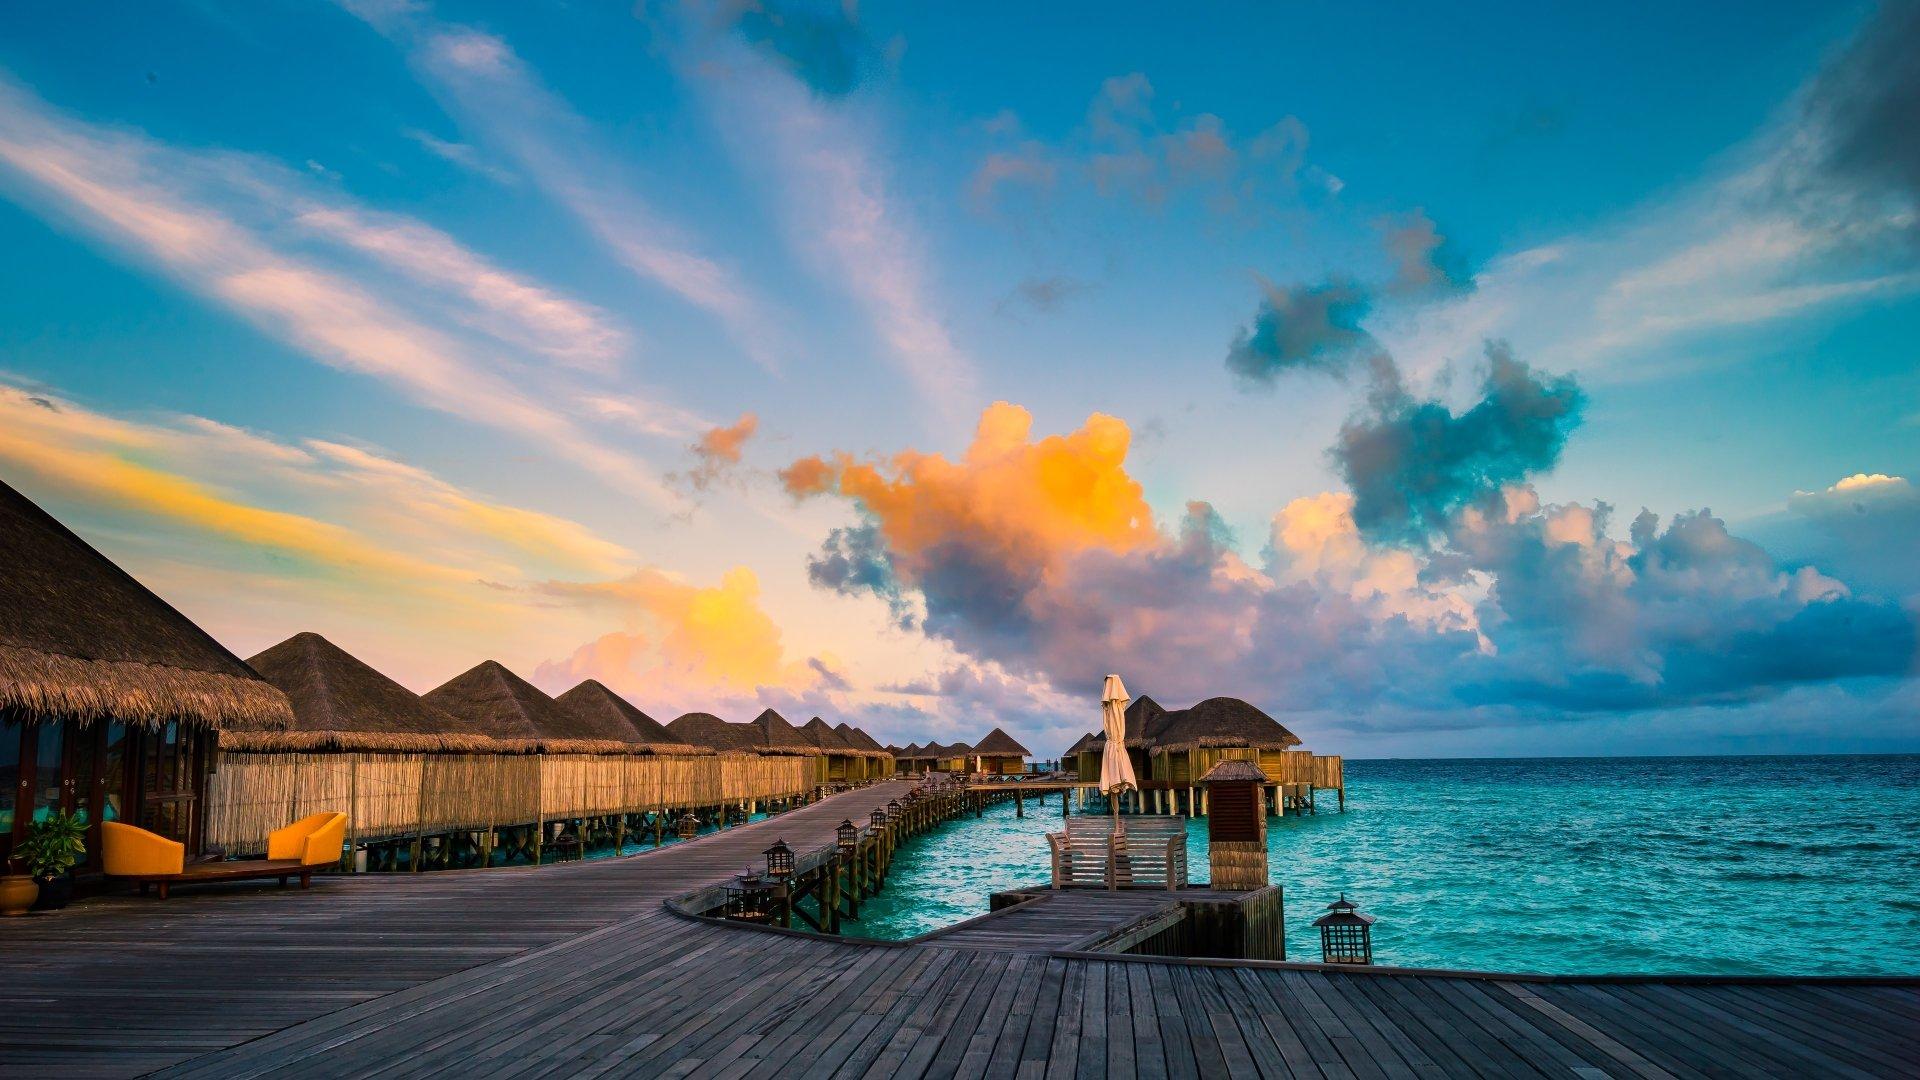 Man Made - Resort  Man Made Bungalow Beach Maldives Ocean Blue Cloud Wallpaper